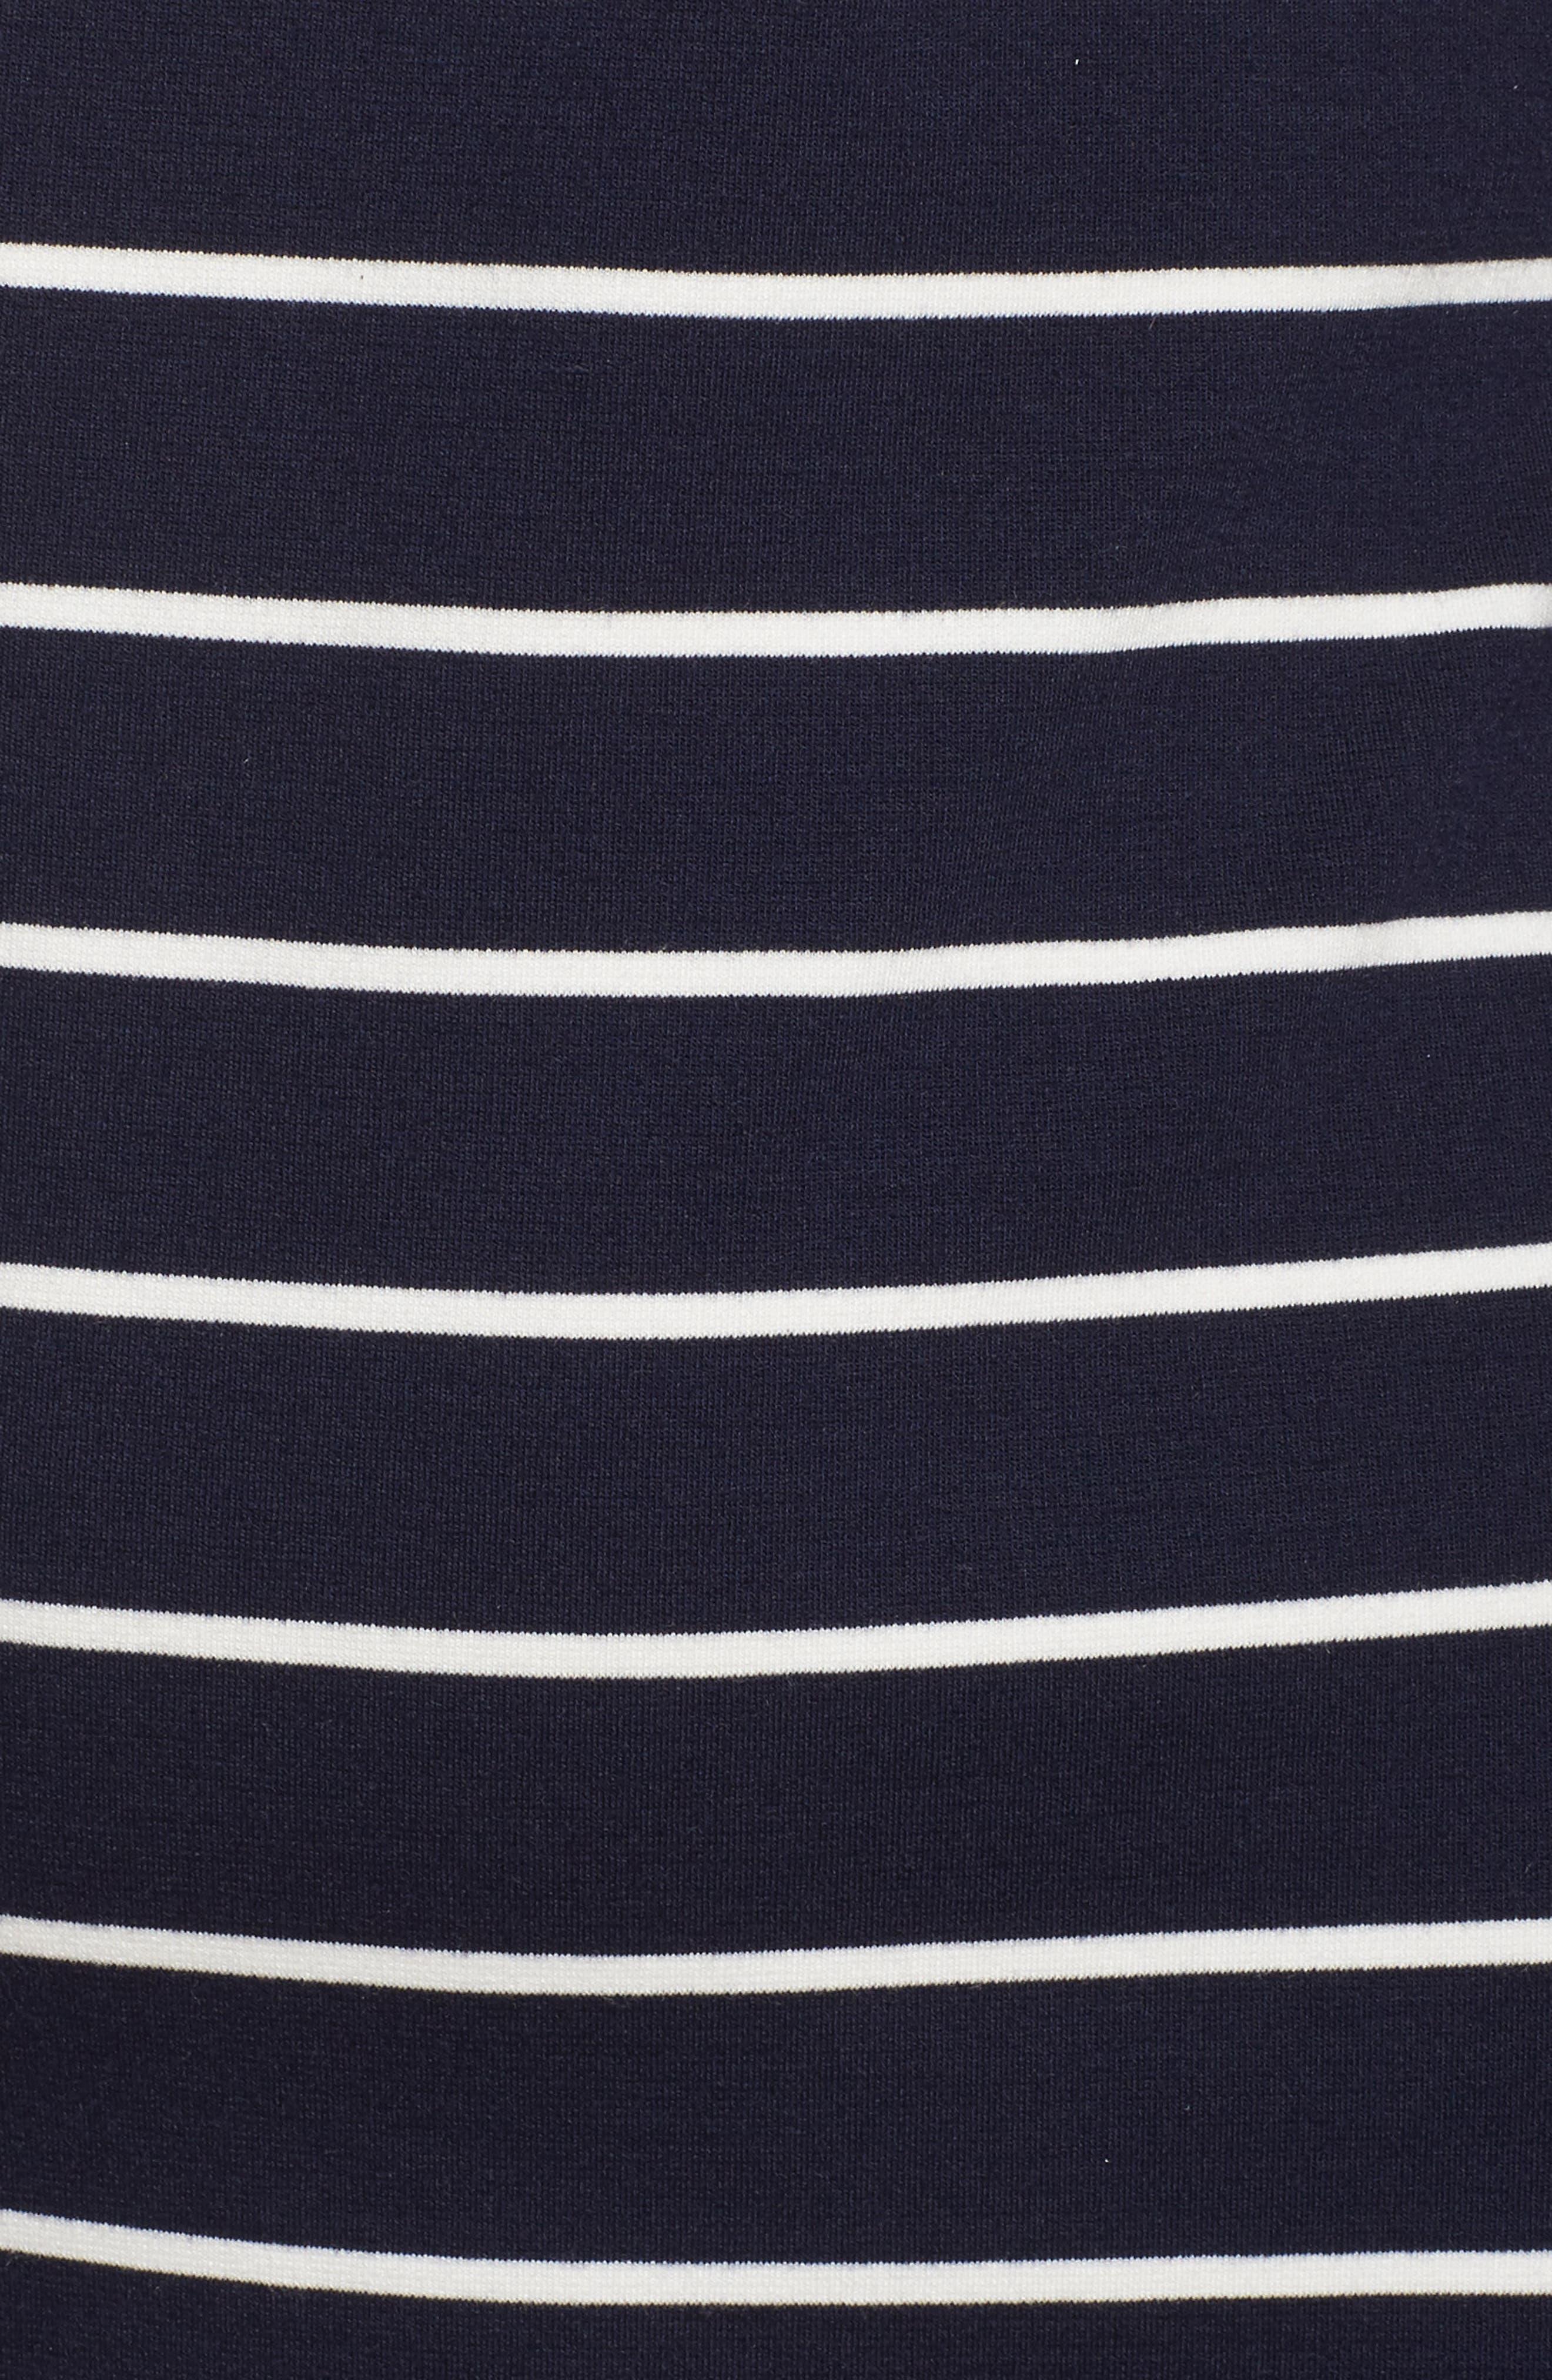 Stripe Flower Detail Shift Dress,                             Alternate thumbnail 5, color,                             410